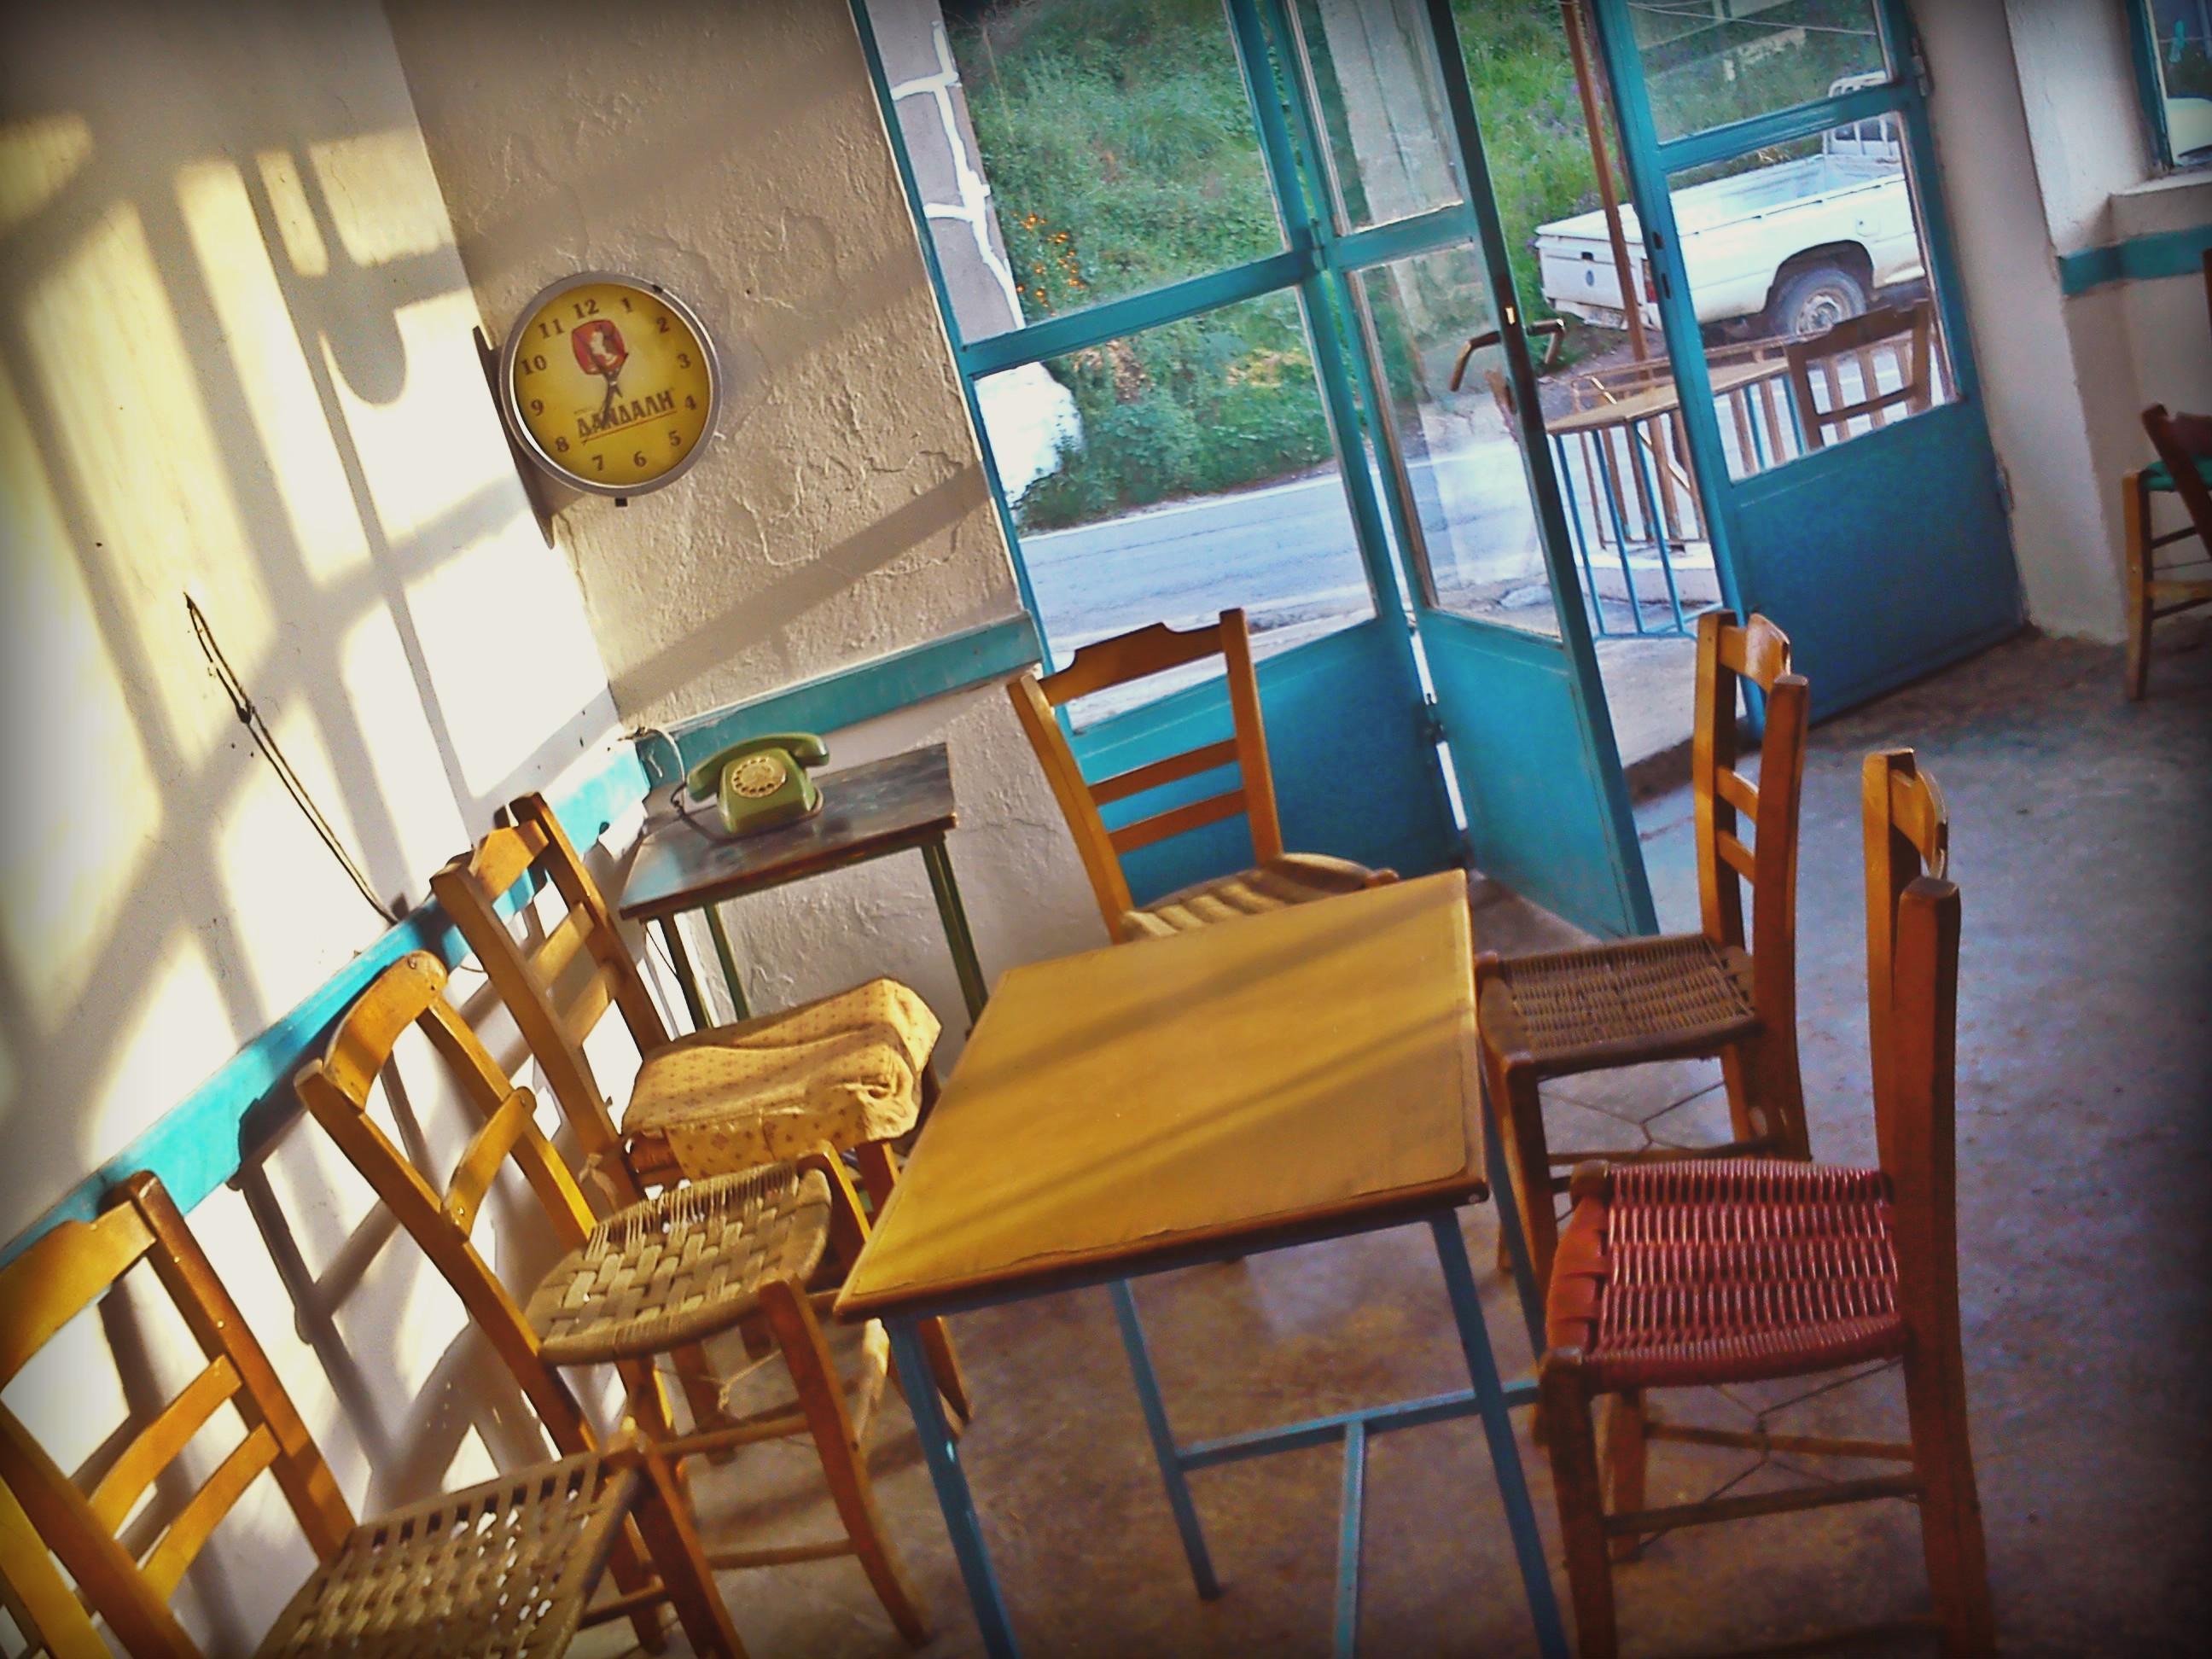 Καφενείο του Ντολαψονικόλη στο Μαγουλά